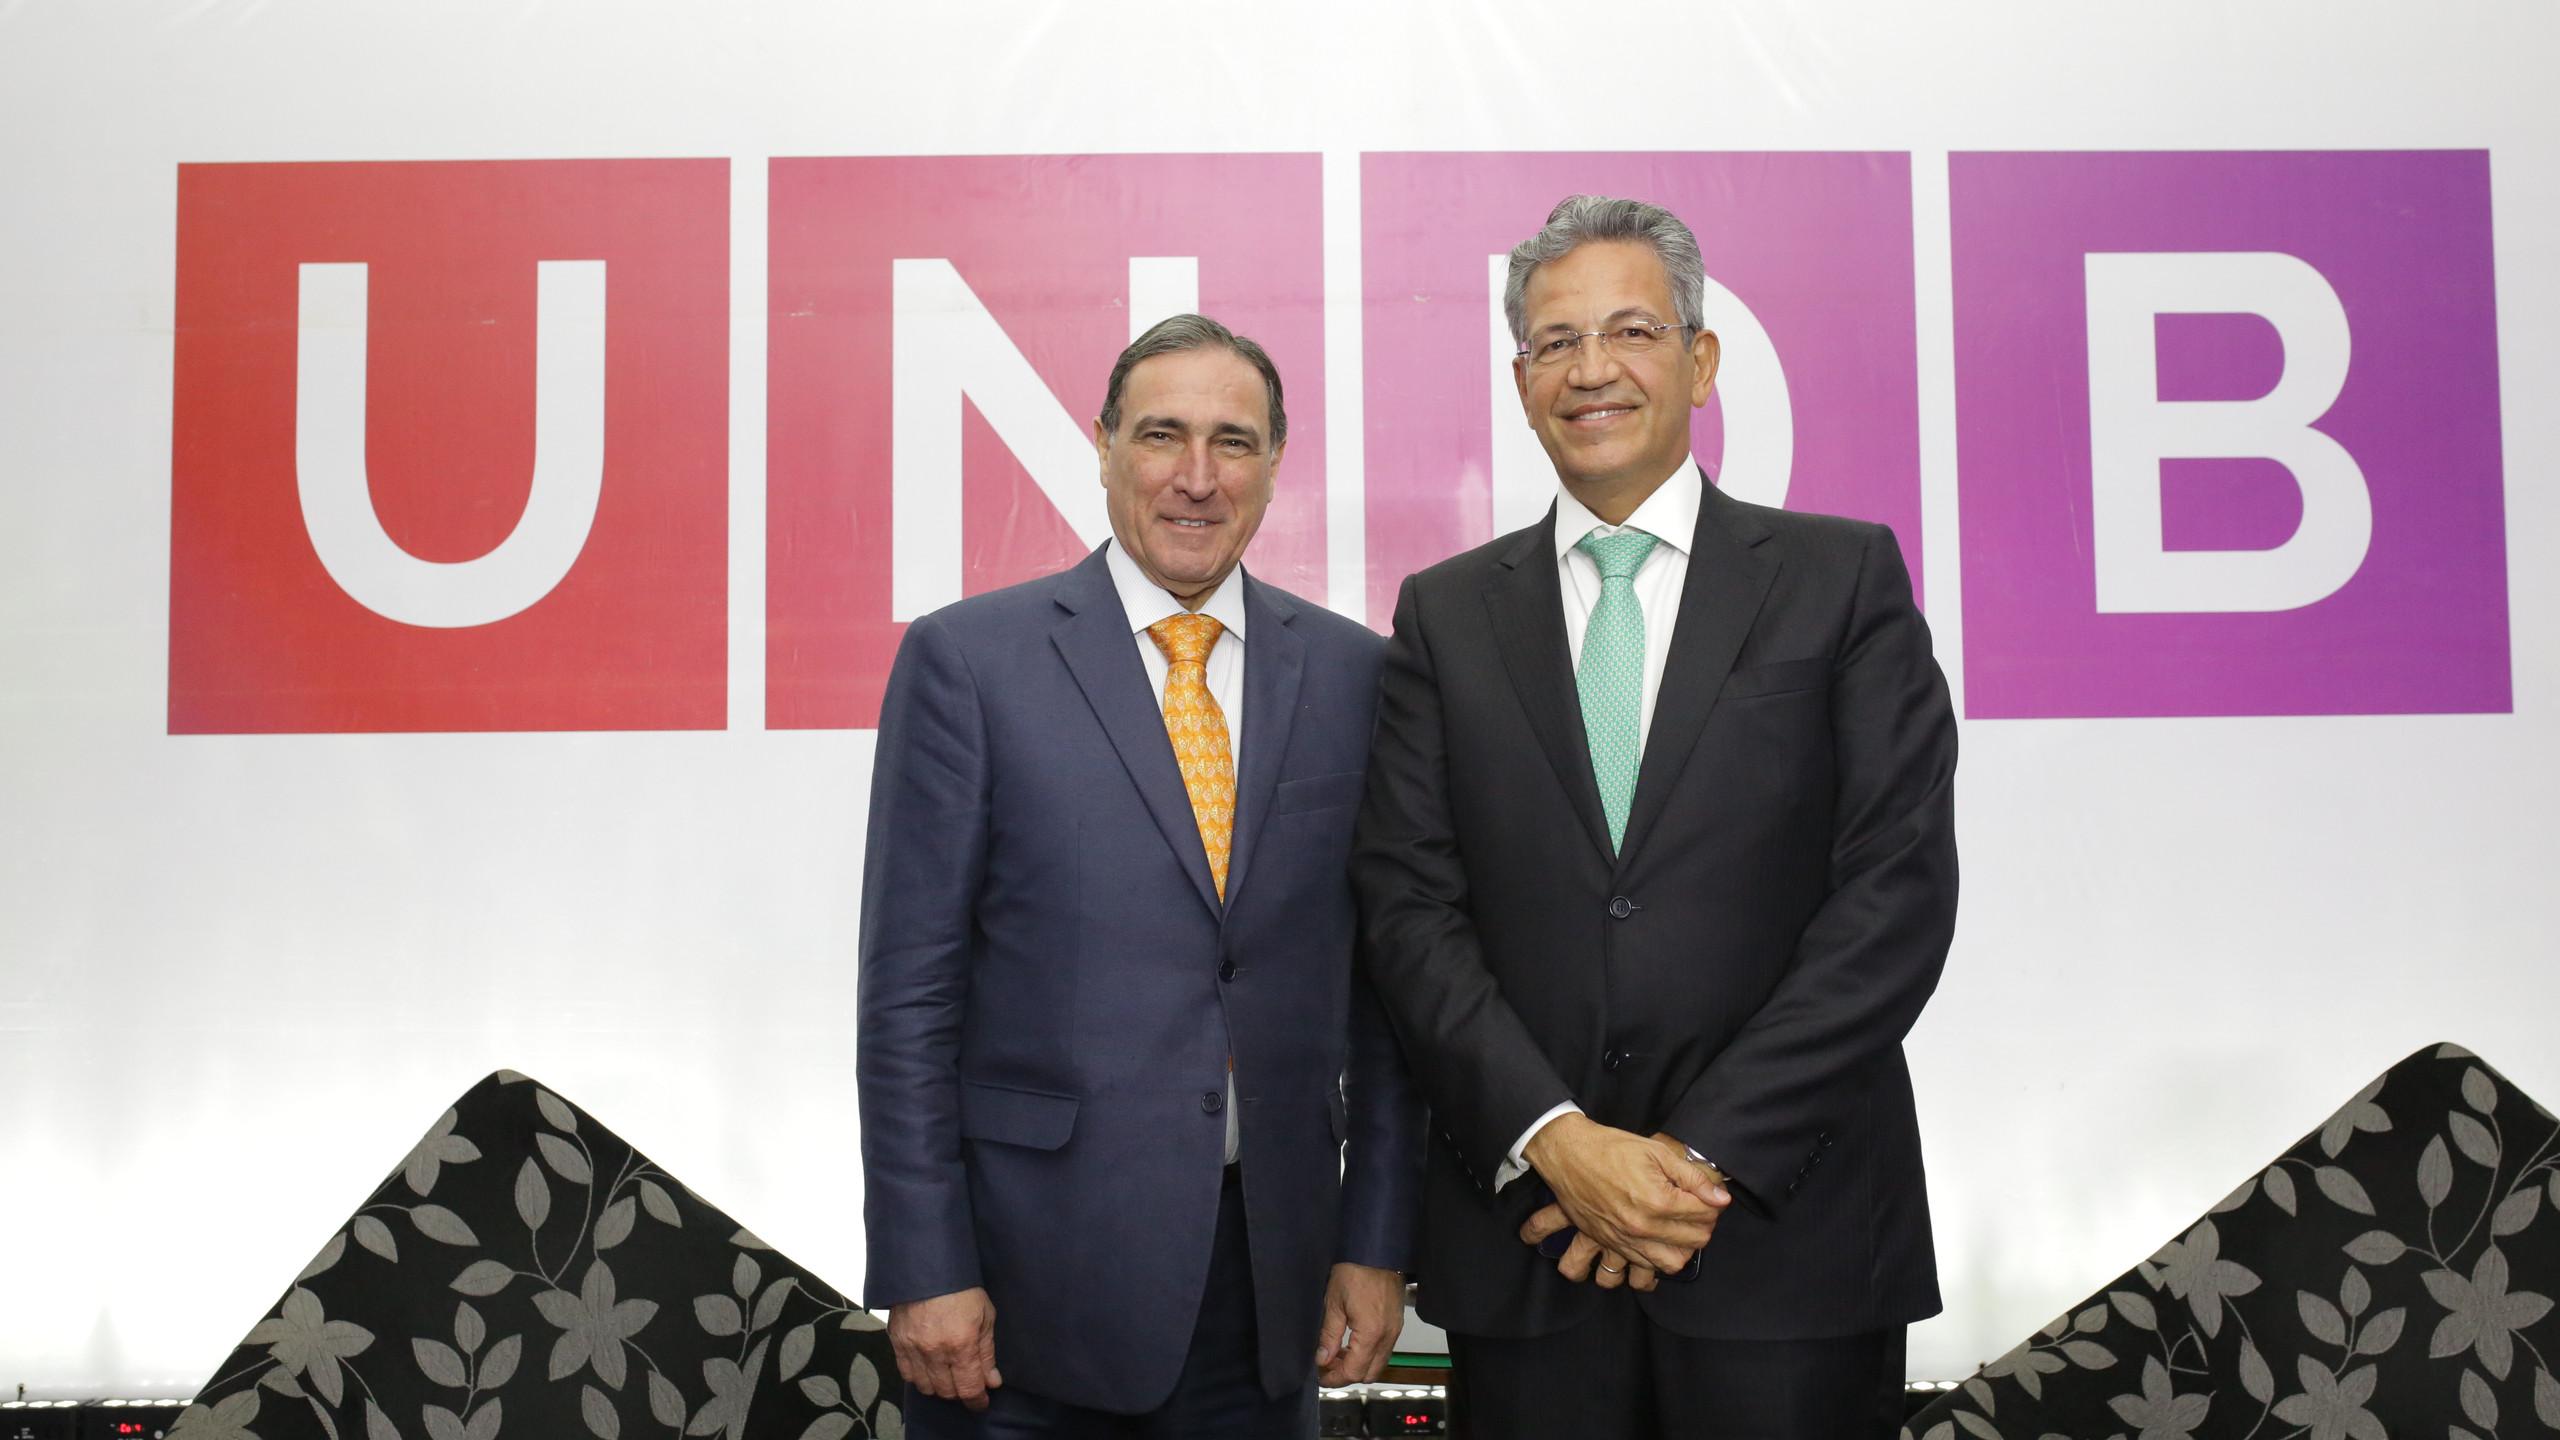 Os Ministros do STJ Paulo Moura Ribeiro e Mauro Campbell Marques, que encerraram com suas conferências a XV Jornada Jurídica da UNDB.